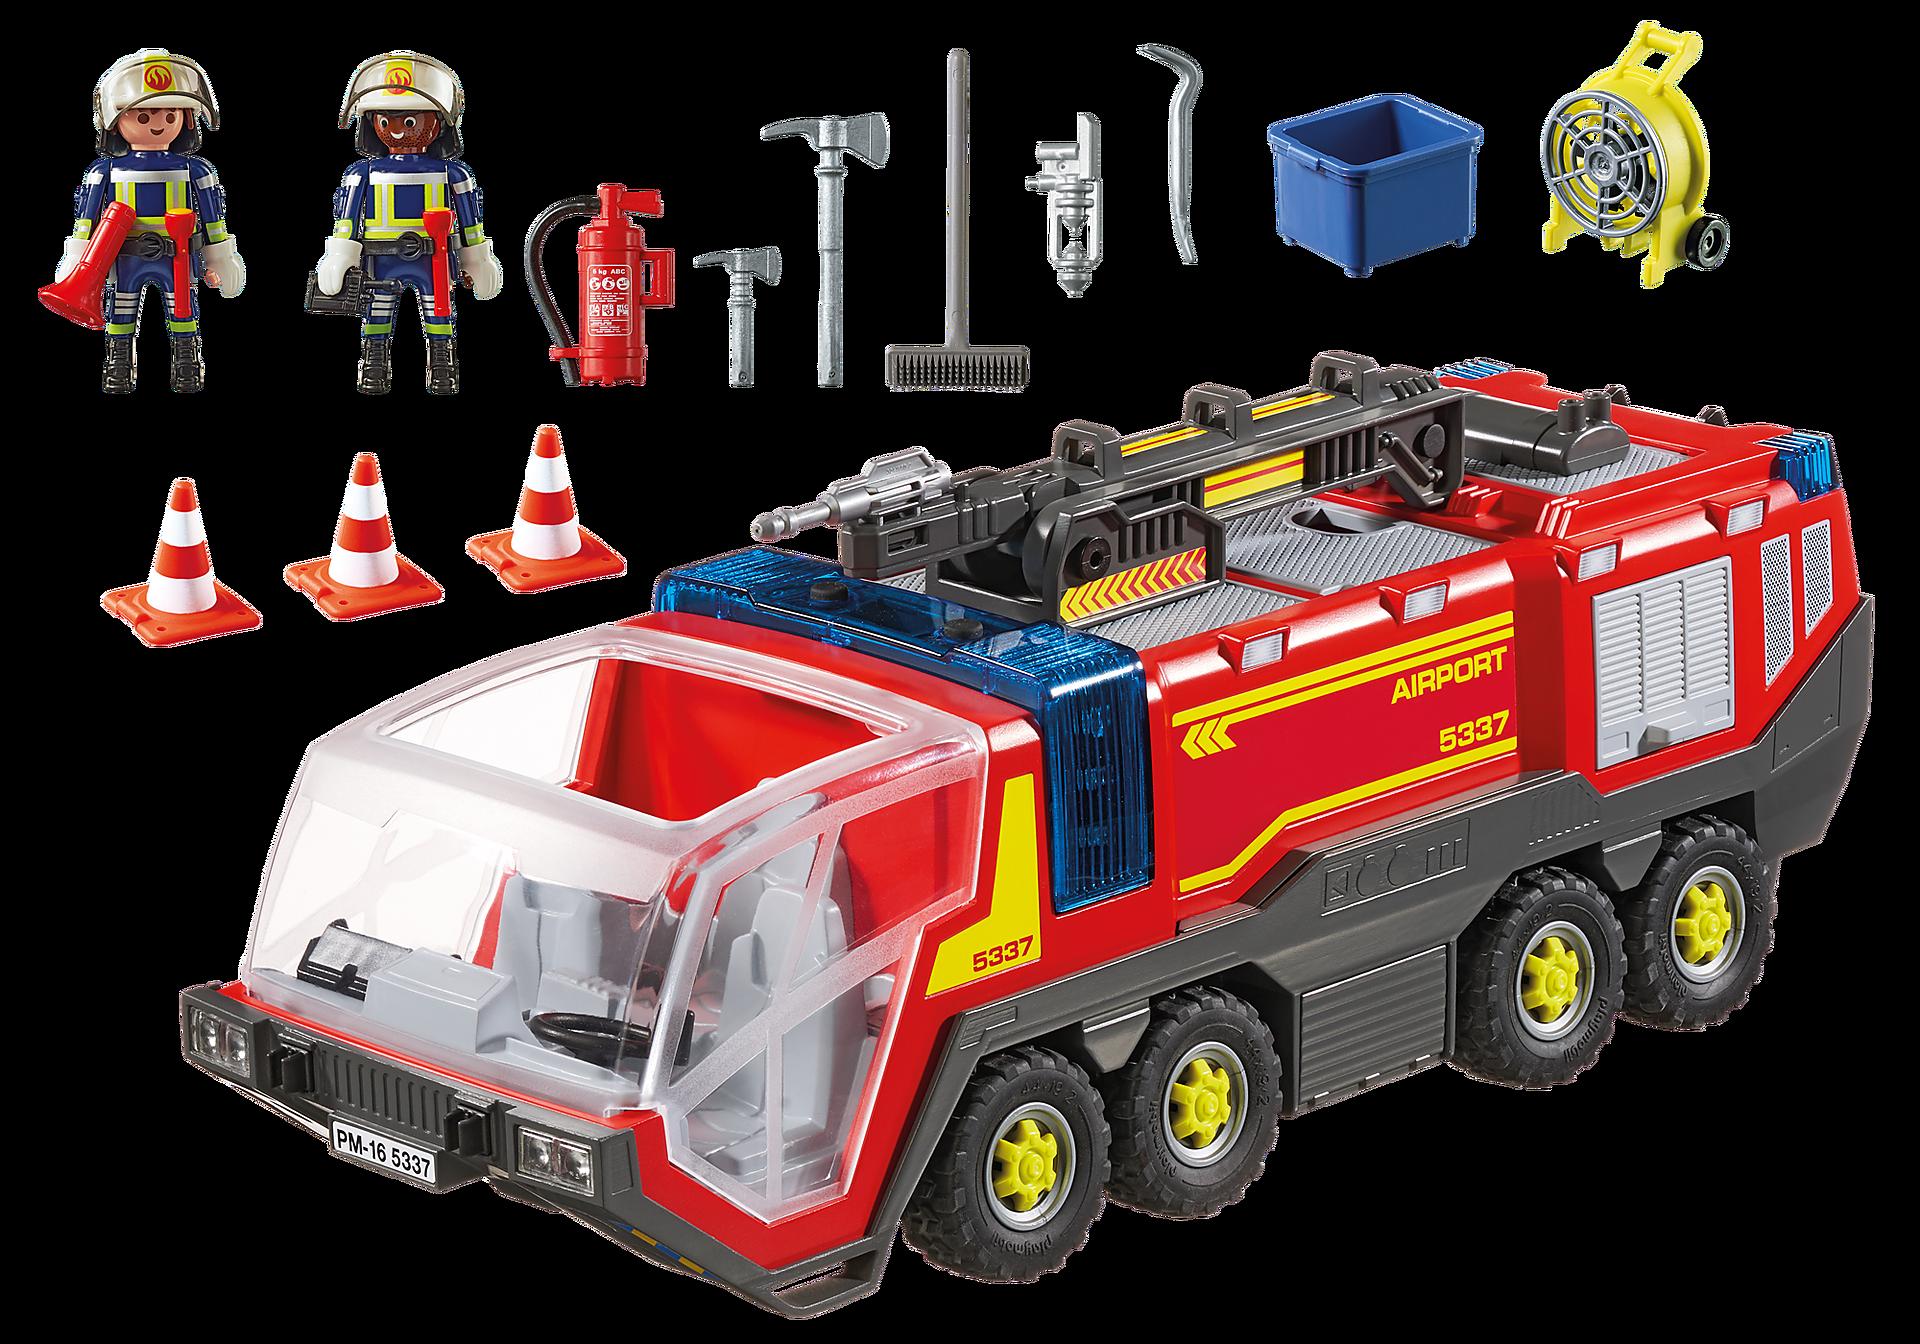 5337 Pojazd strażacki na lotnisku ze światłem zoom image4